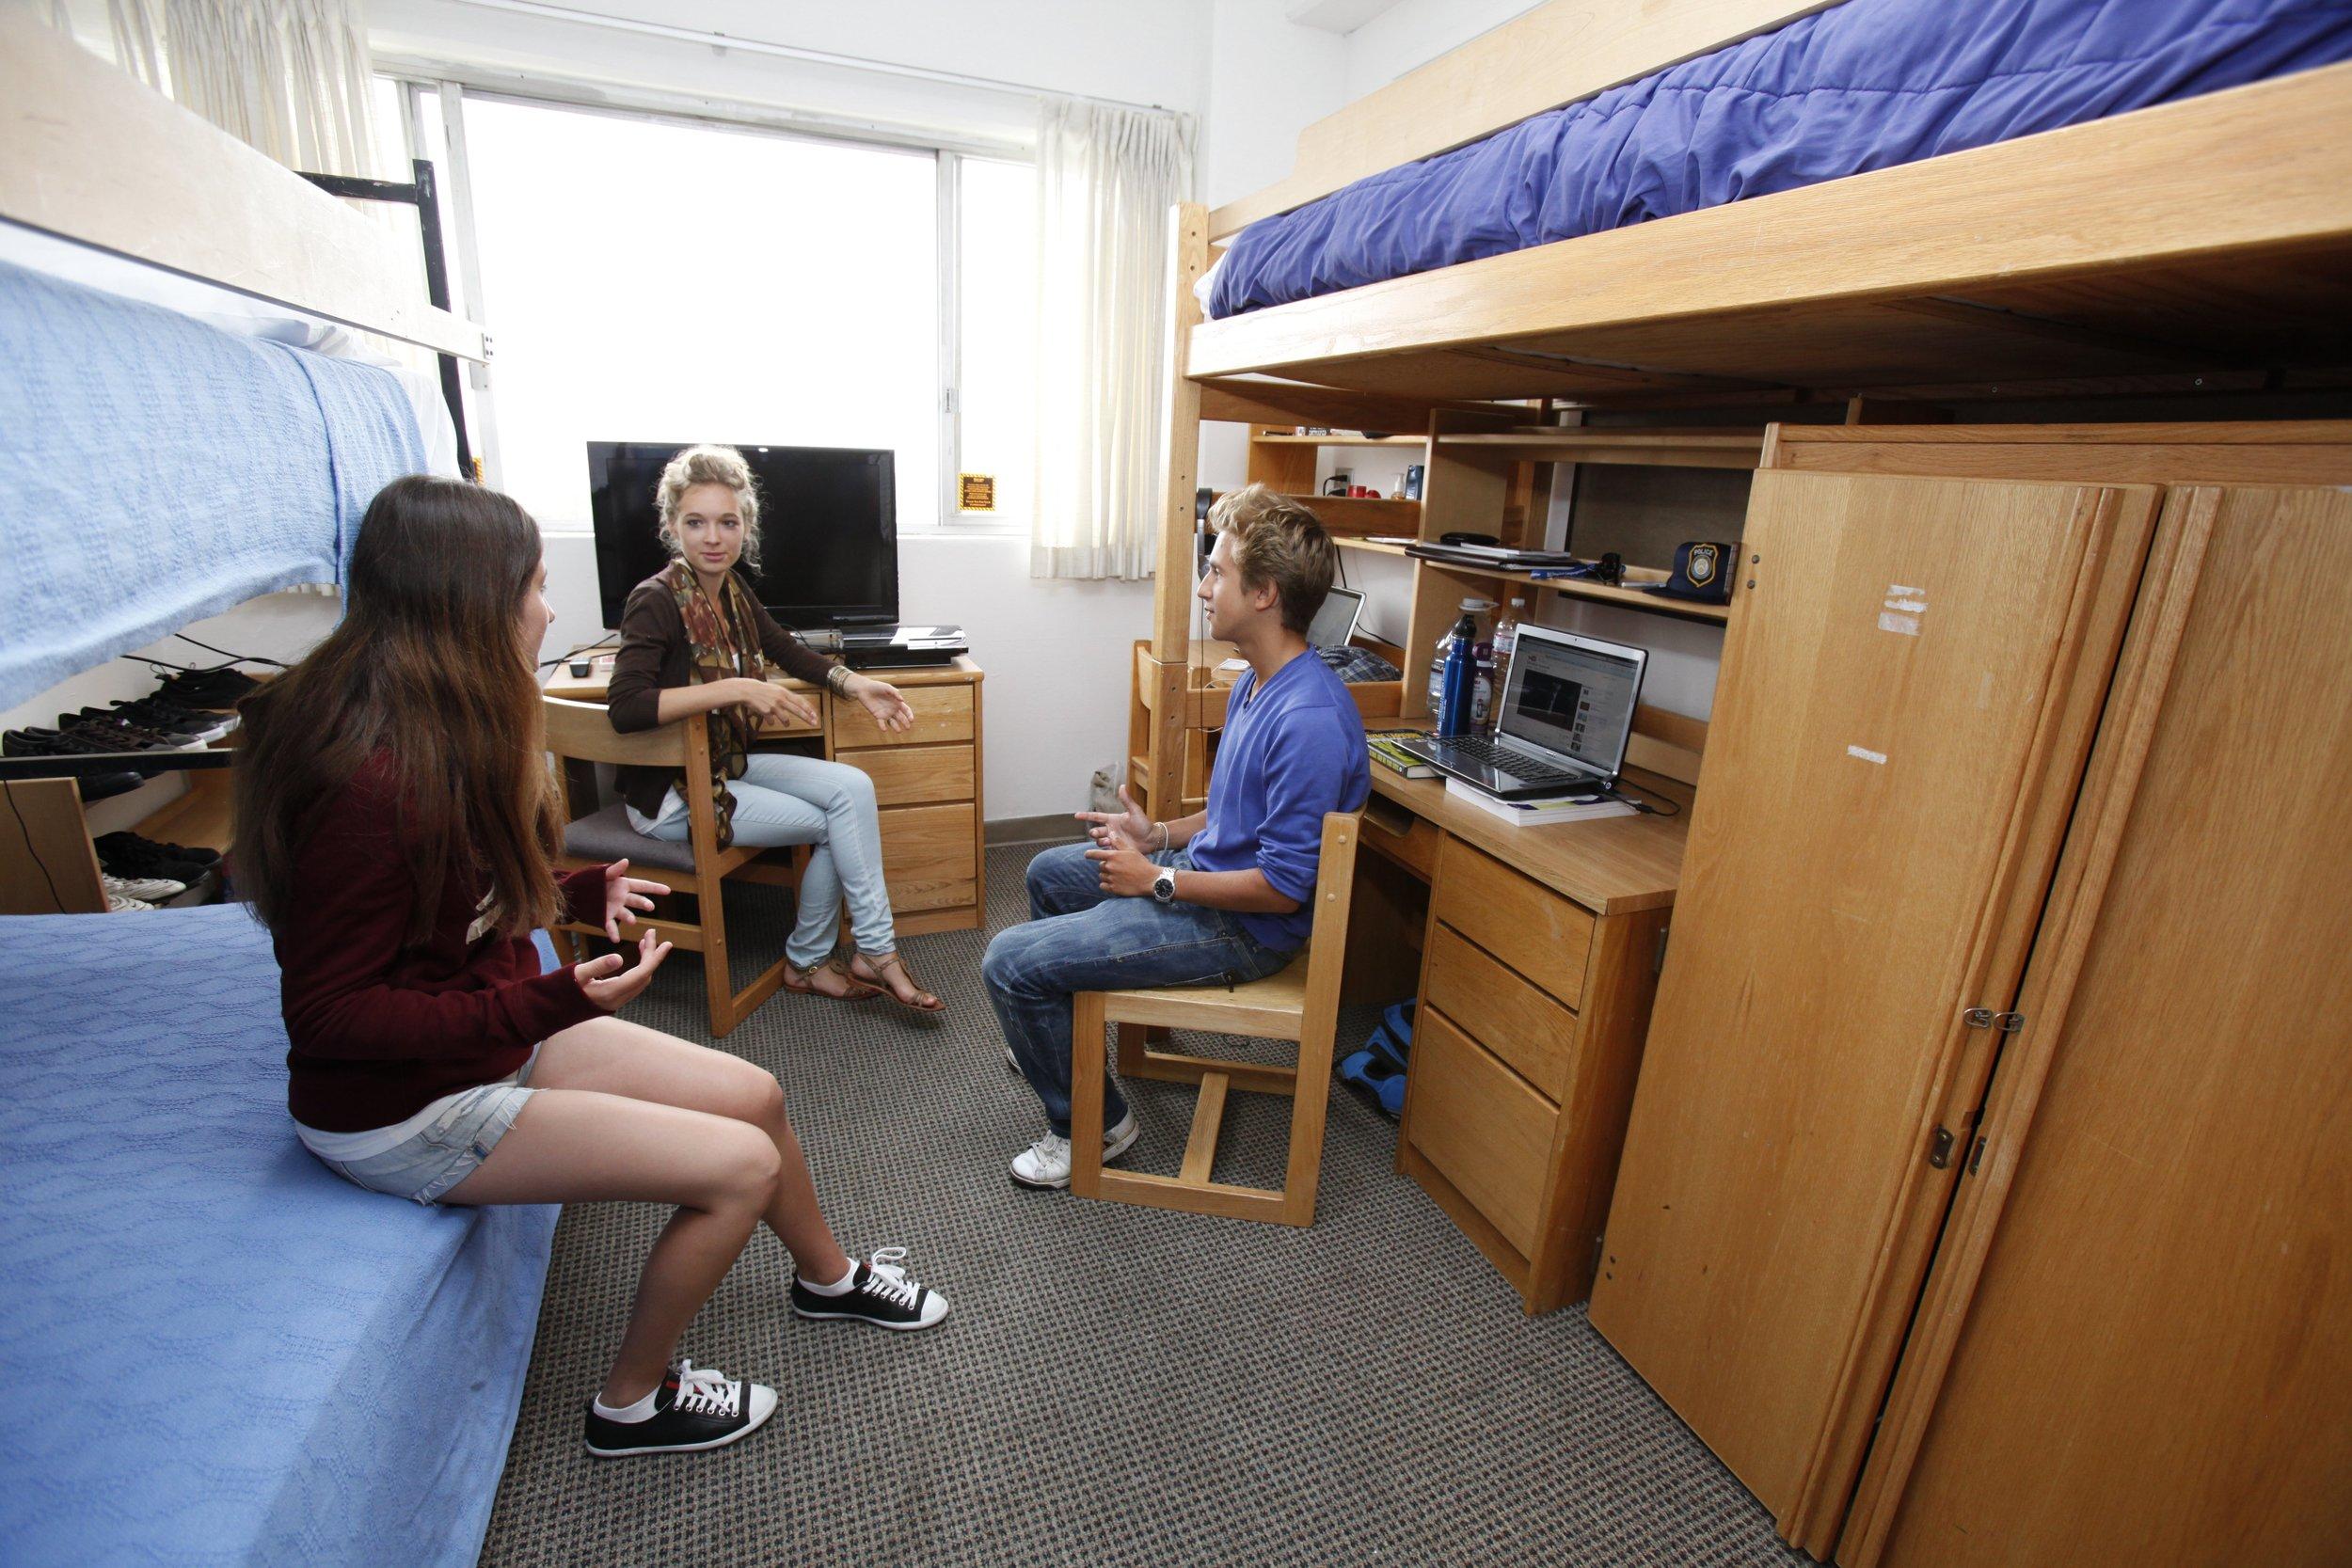 ELC - UCLA dorm room 2 - low res.jpg